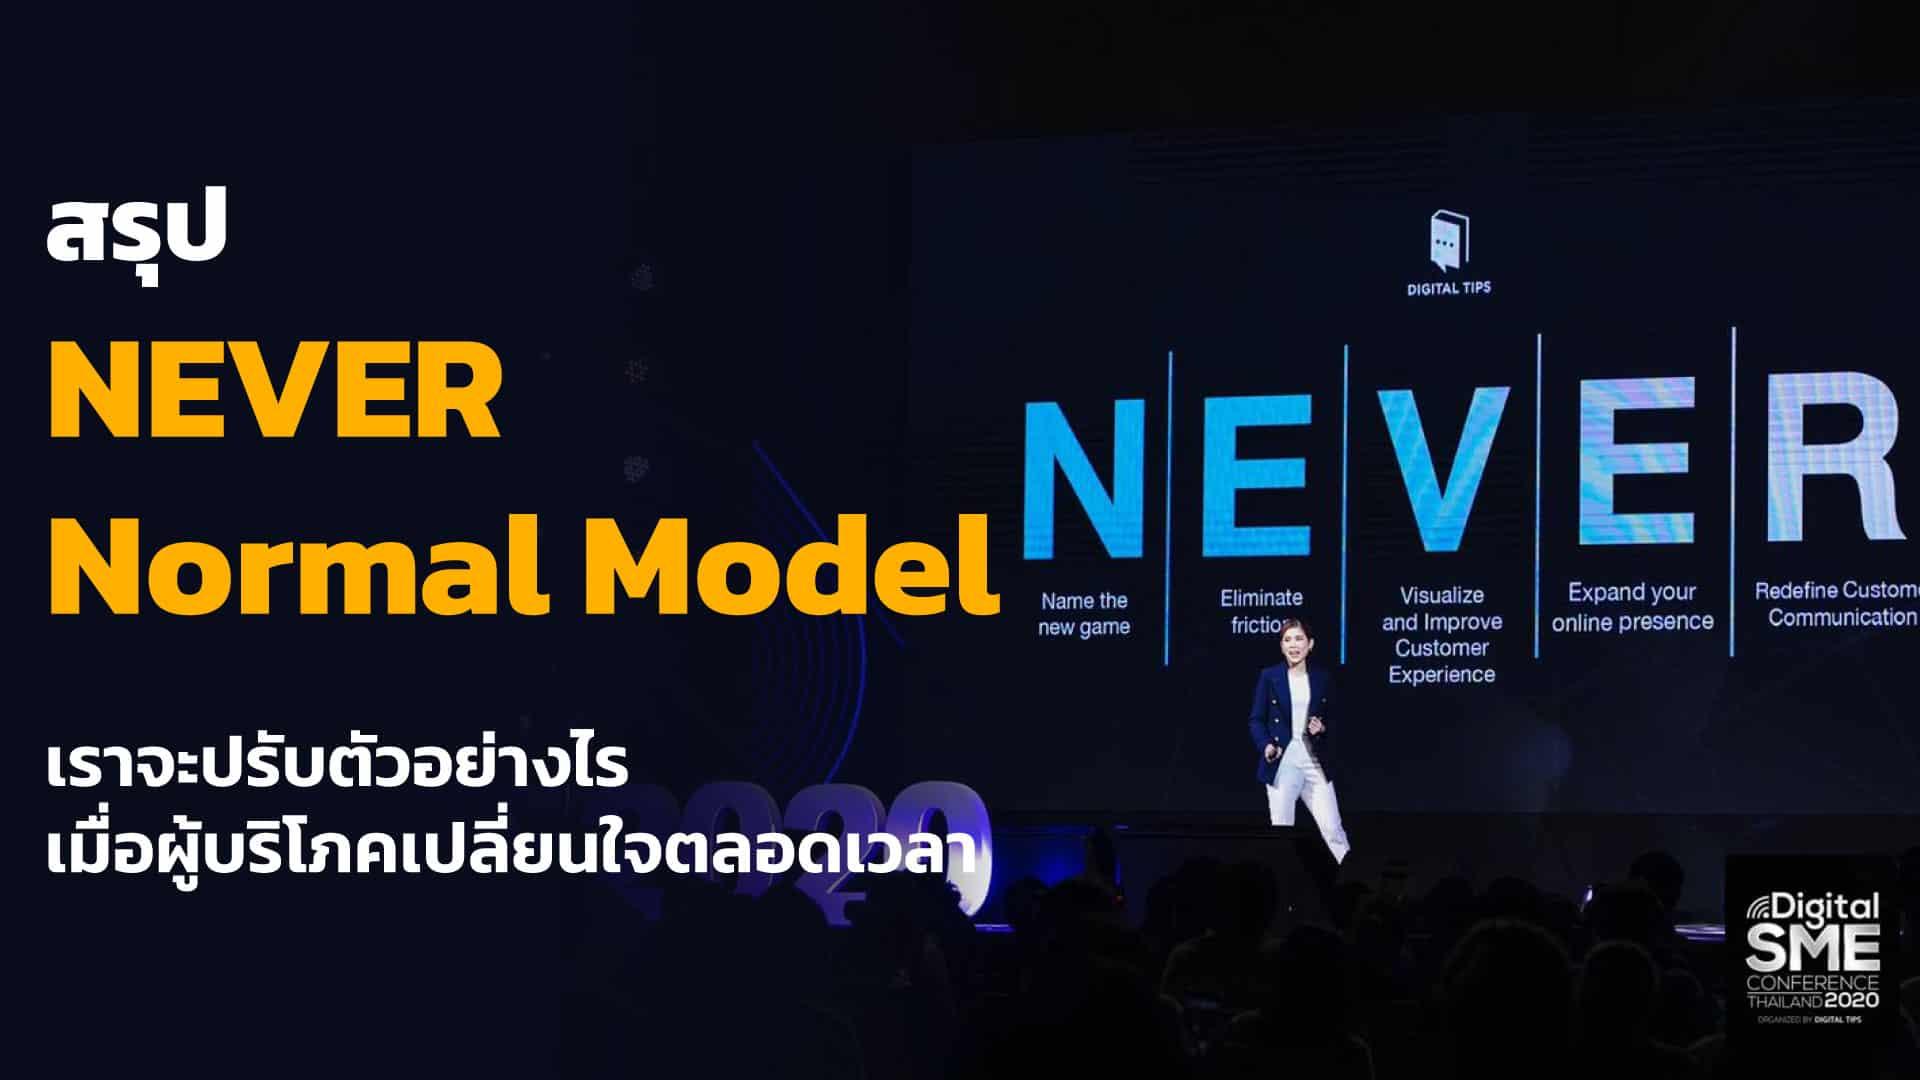 สรุปงาน DSME2020 กับ NEVER Normal Model ยุคที่ผู้บริโภคไม่เคยแน่นอน